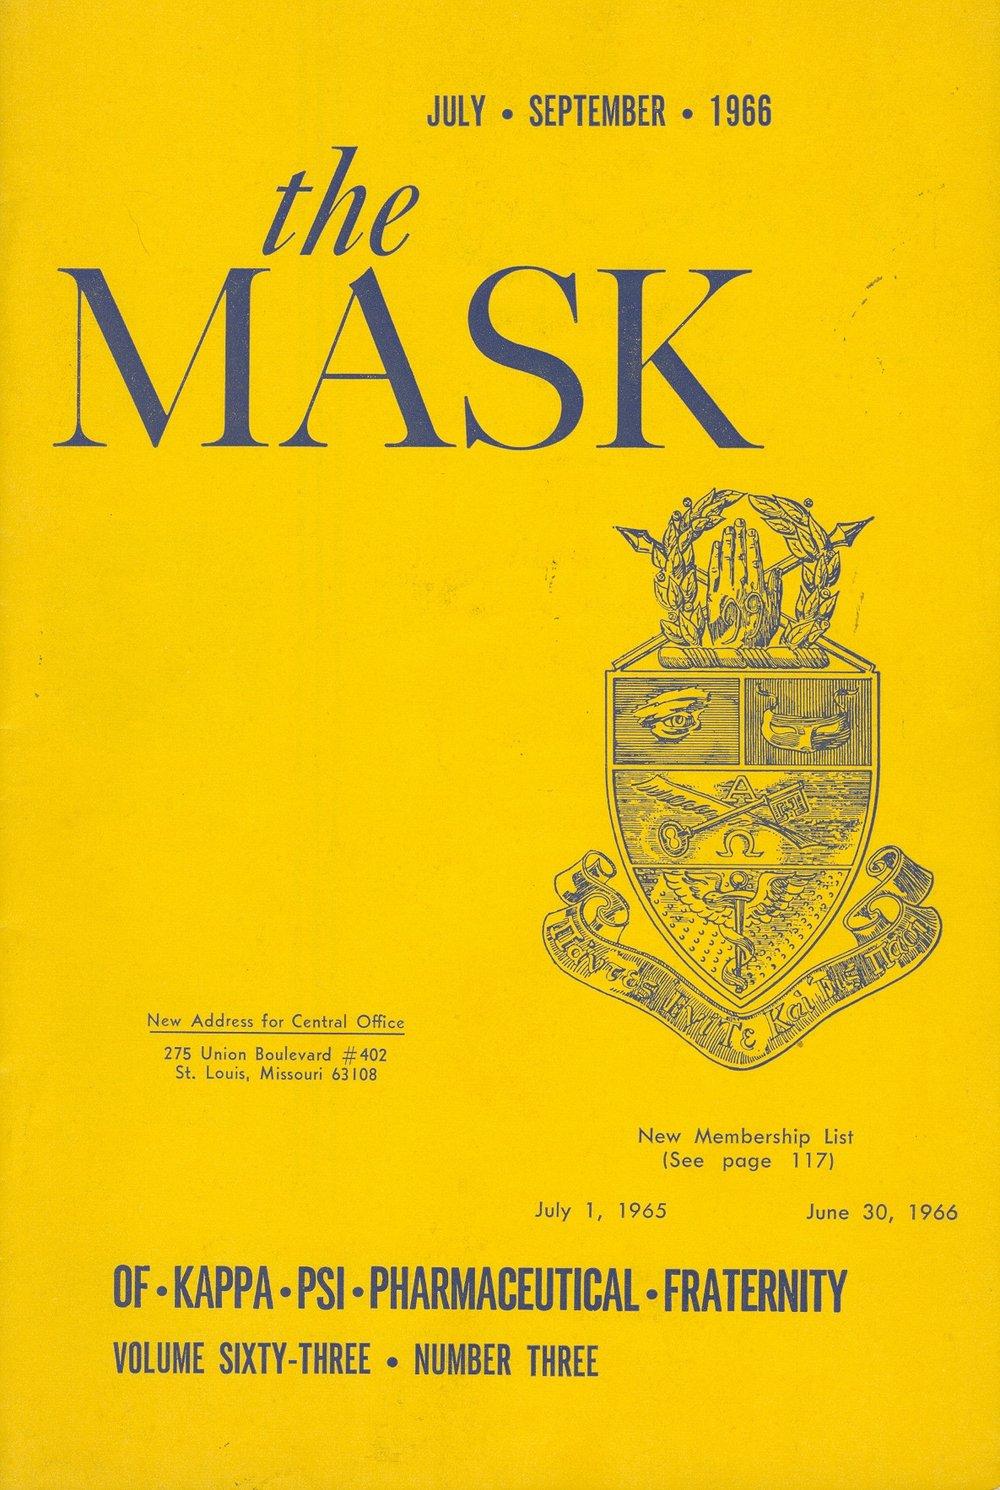 mask_cover_07_1966.jpg